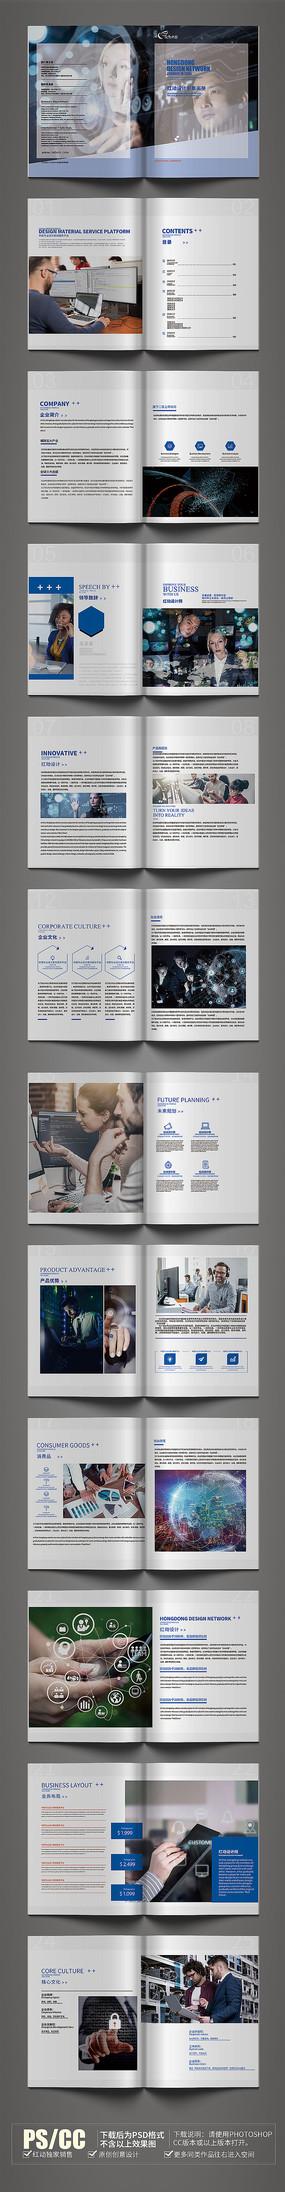 蓝色高端信息技术企业宣传画册模板设计